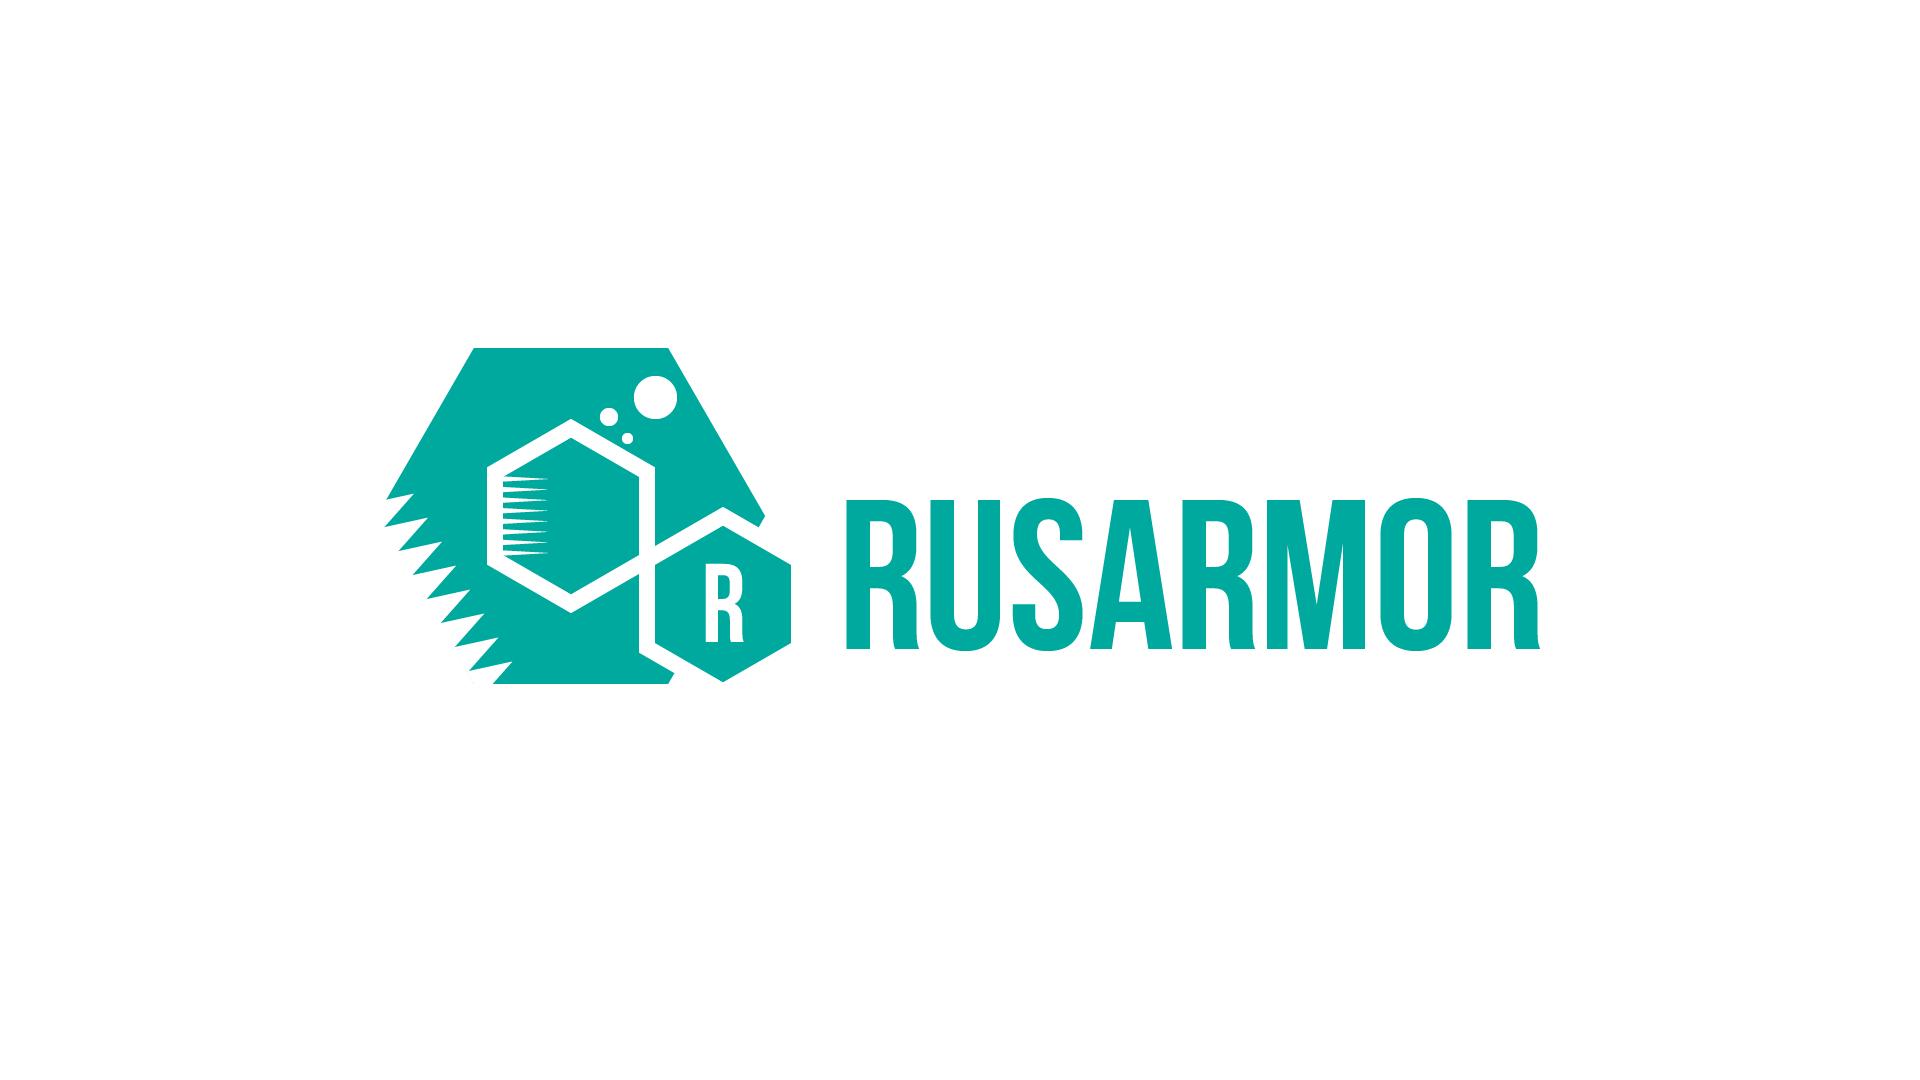 Разработка логотипа технологического стартапа РУСАРМОР фото f_2485a071cacf3738.png